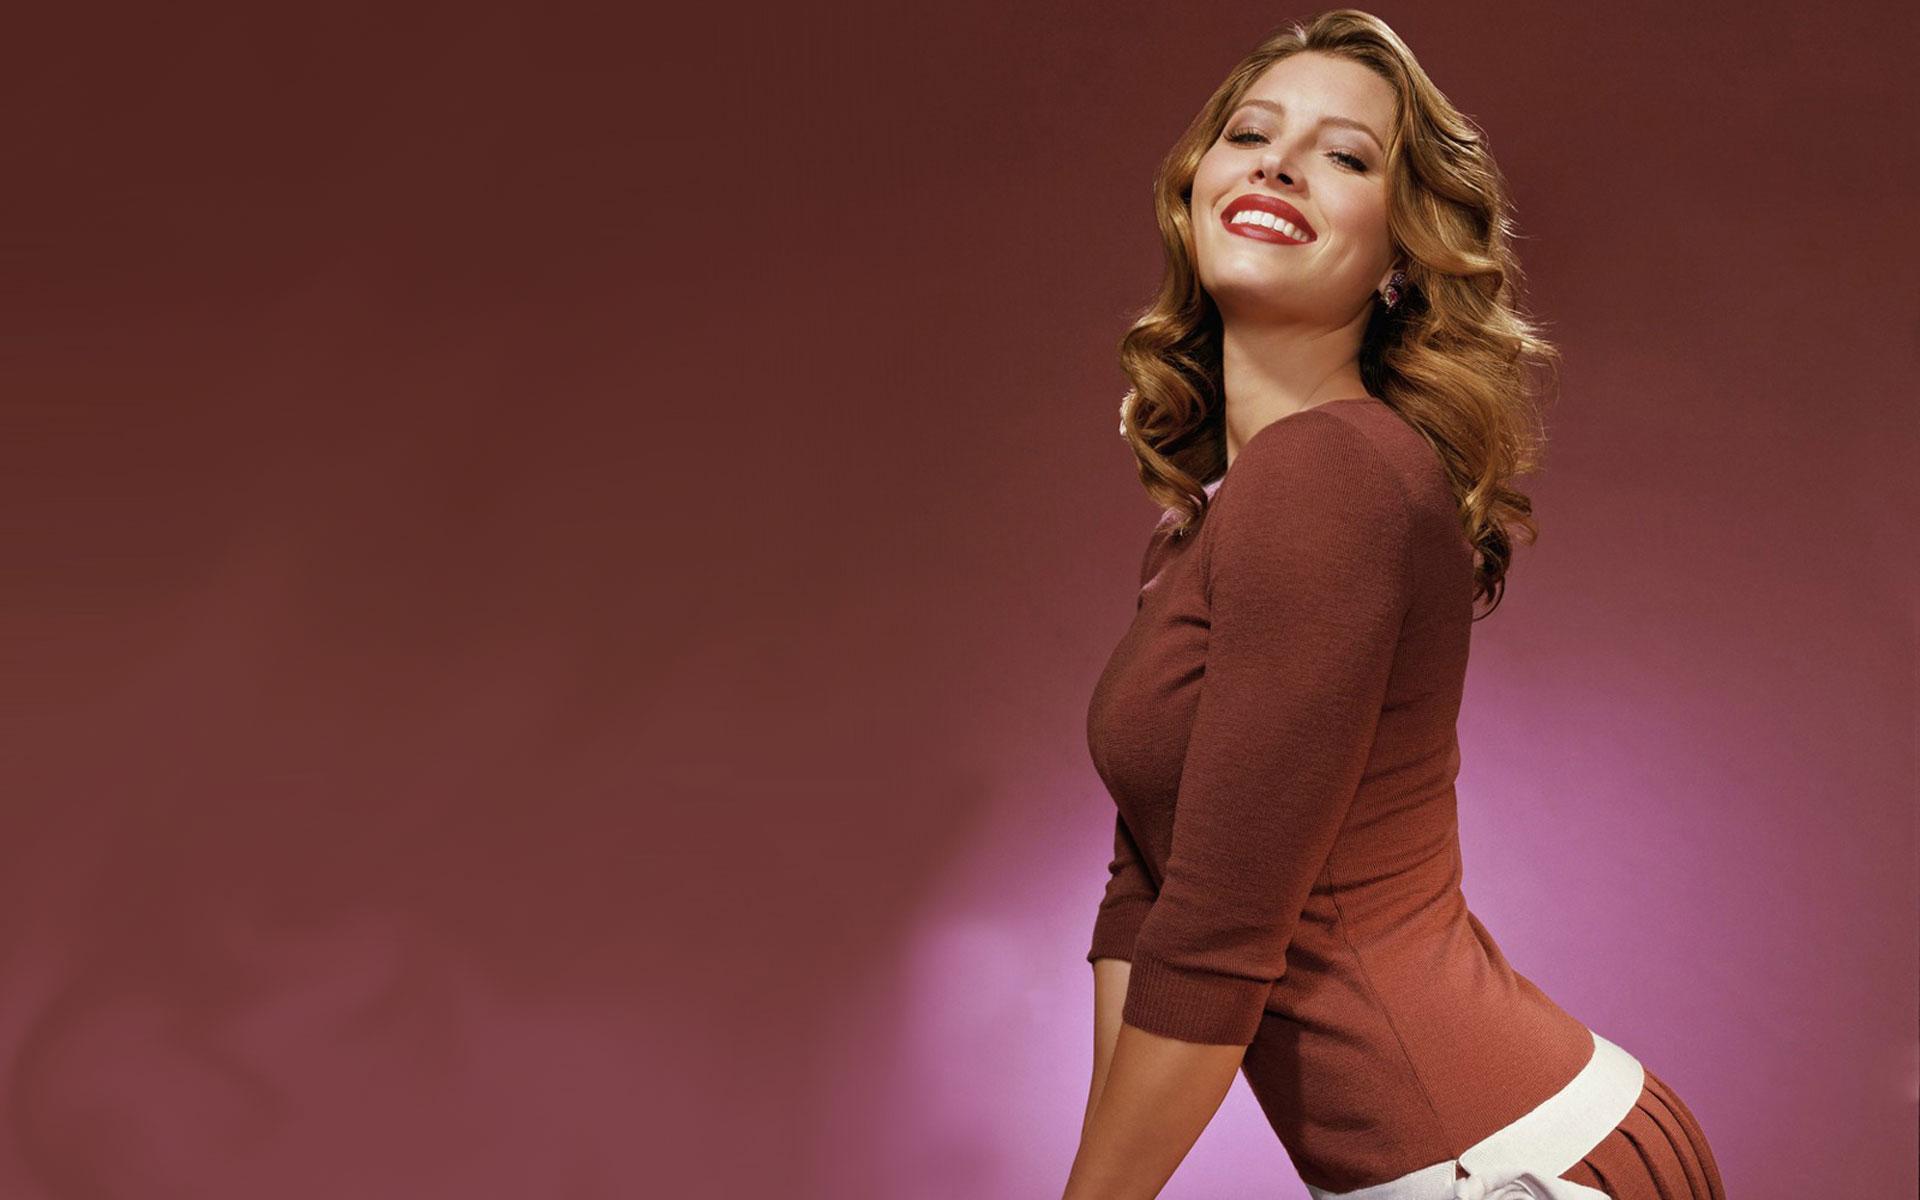 Jessica Biel Red Lip Images - Facebook Cover - PoPoPics.com Jessica Biel